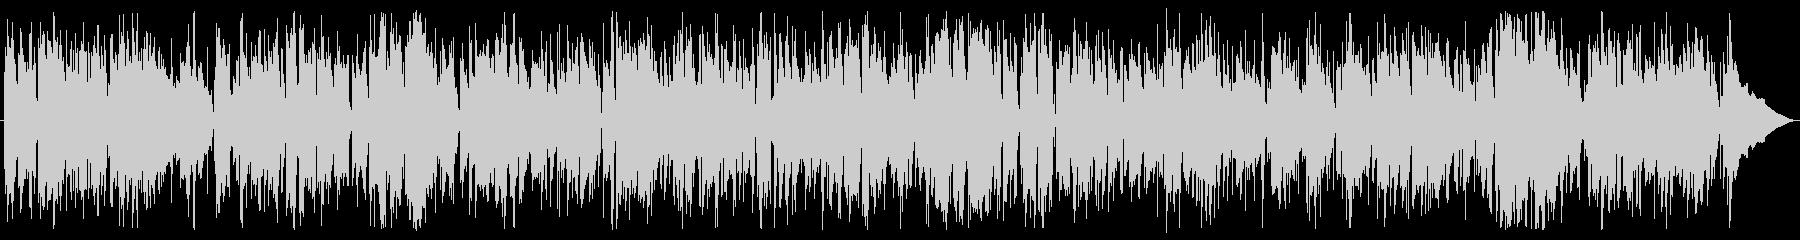 ソフトフュージョンのスイングテイストの未再生の波形